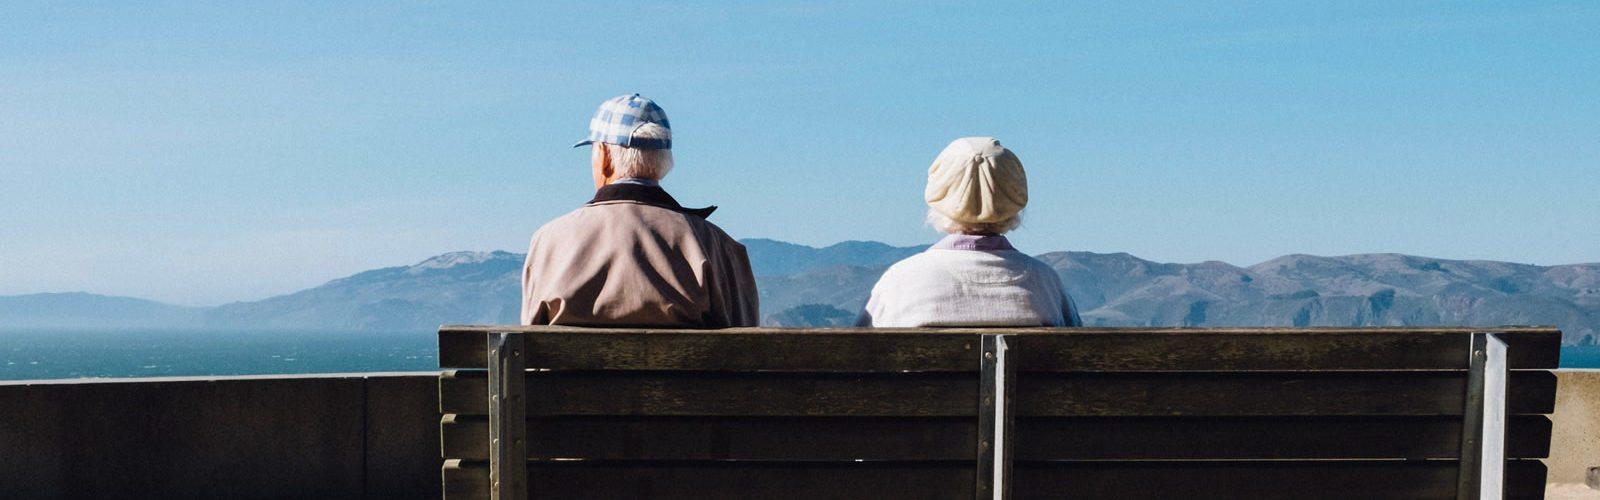 datant de la Loi sur l'âge en Pennsylvanie rencontres occasionnels ohne Kosten